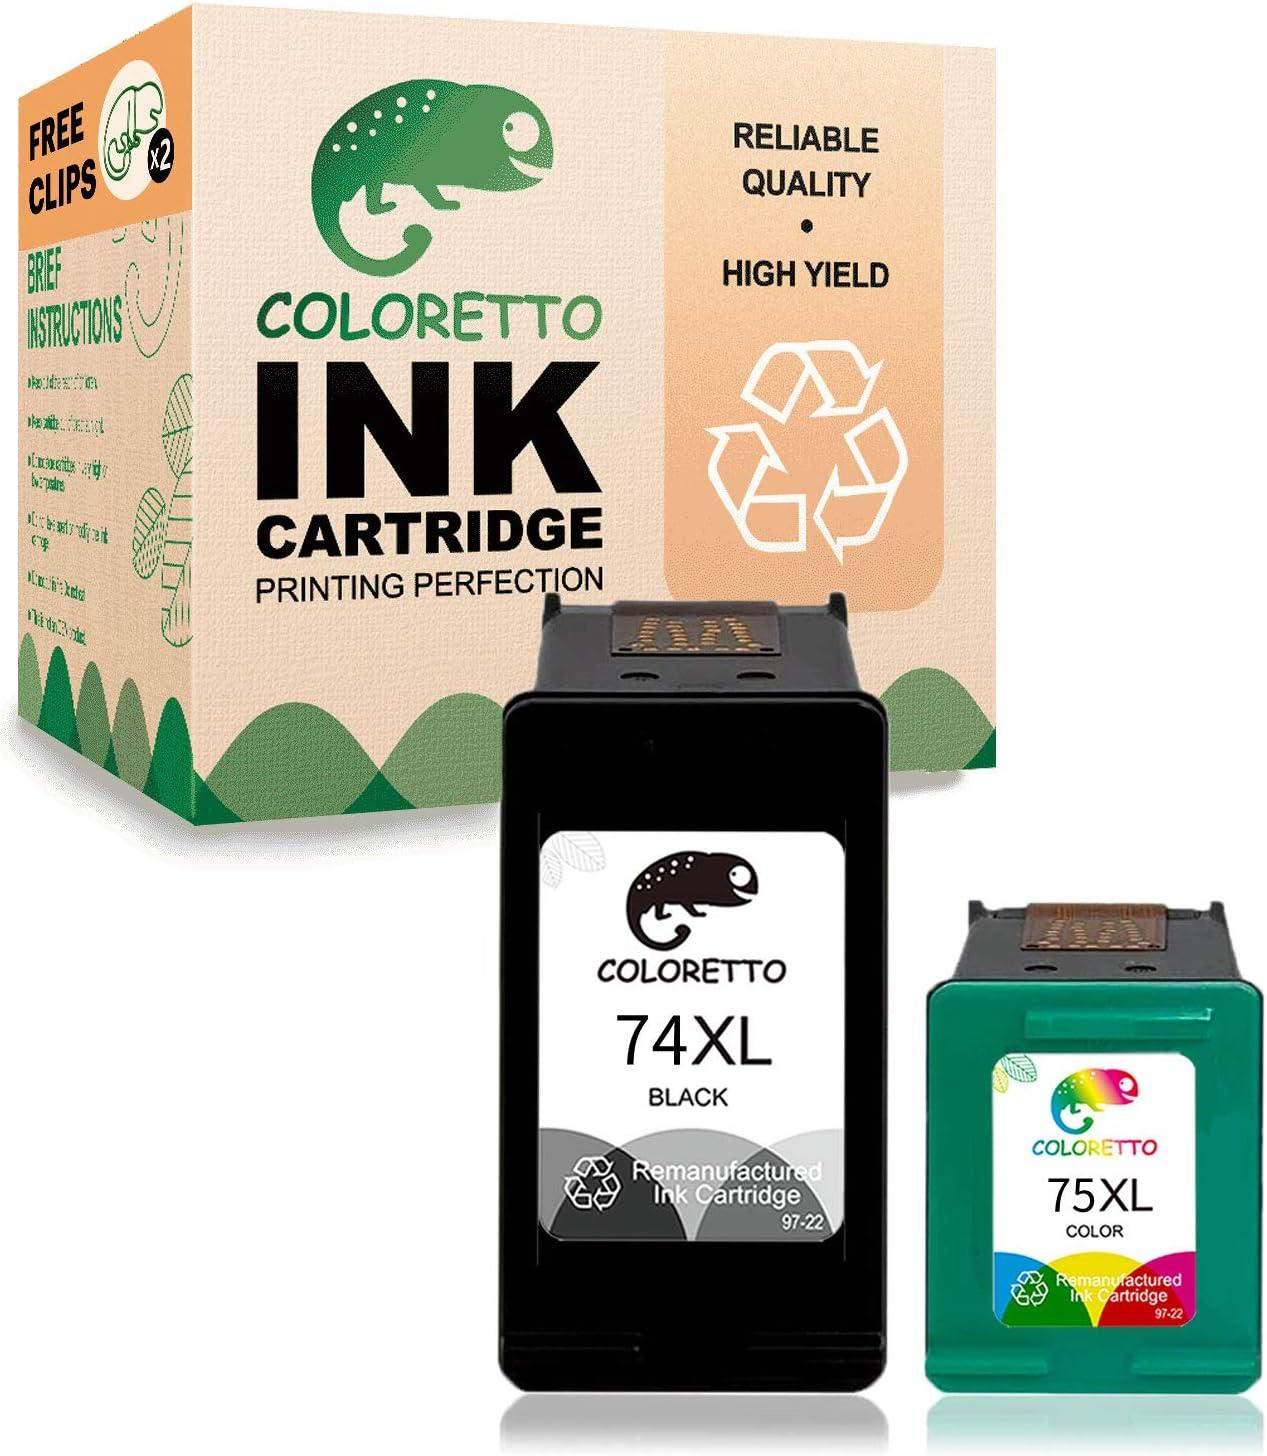 Coloretto Remanufactured for HP 74XL 74 XL 75XL 75 XL Ink Cartridges,Used in HP Officejet J6480 J5780, Deskjet D4260 D4360 Photosmart C4280 C5280 C4480 C4580 C5580 (1 Black+1 Tri-Color